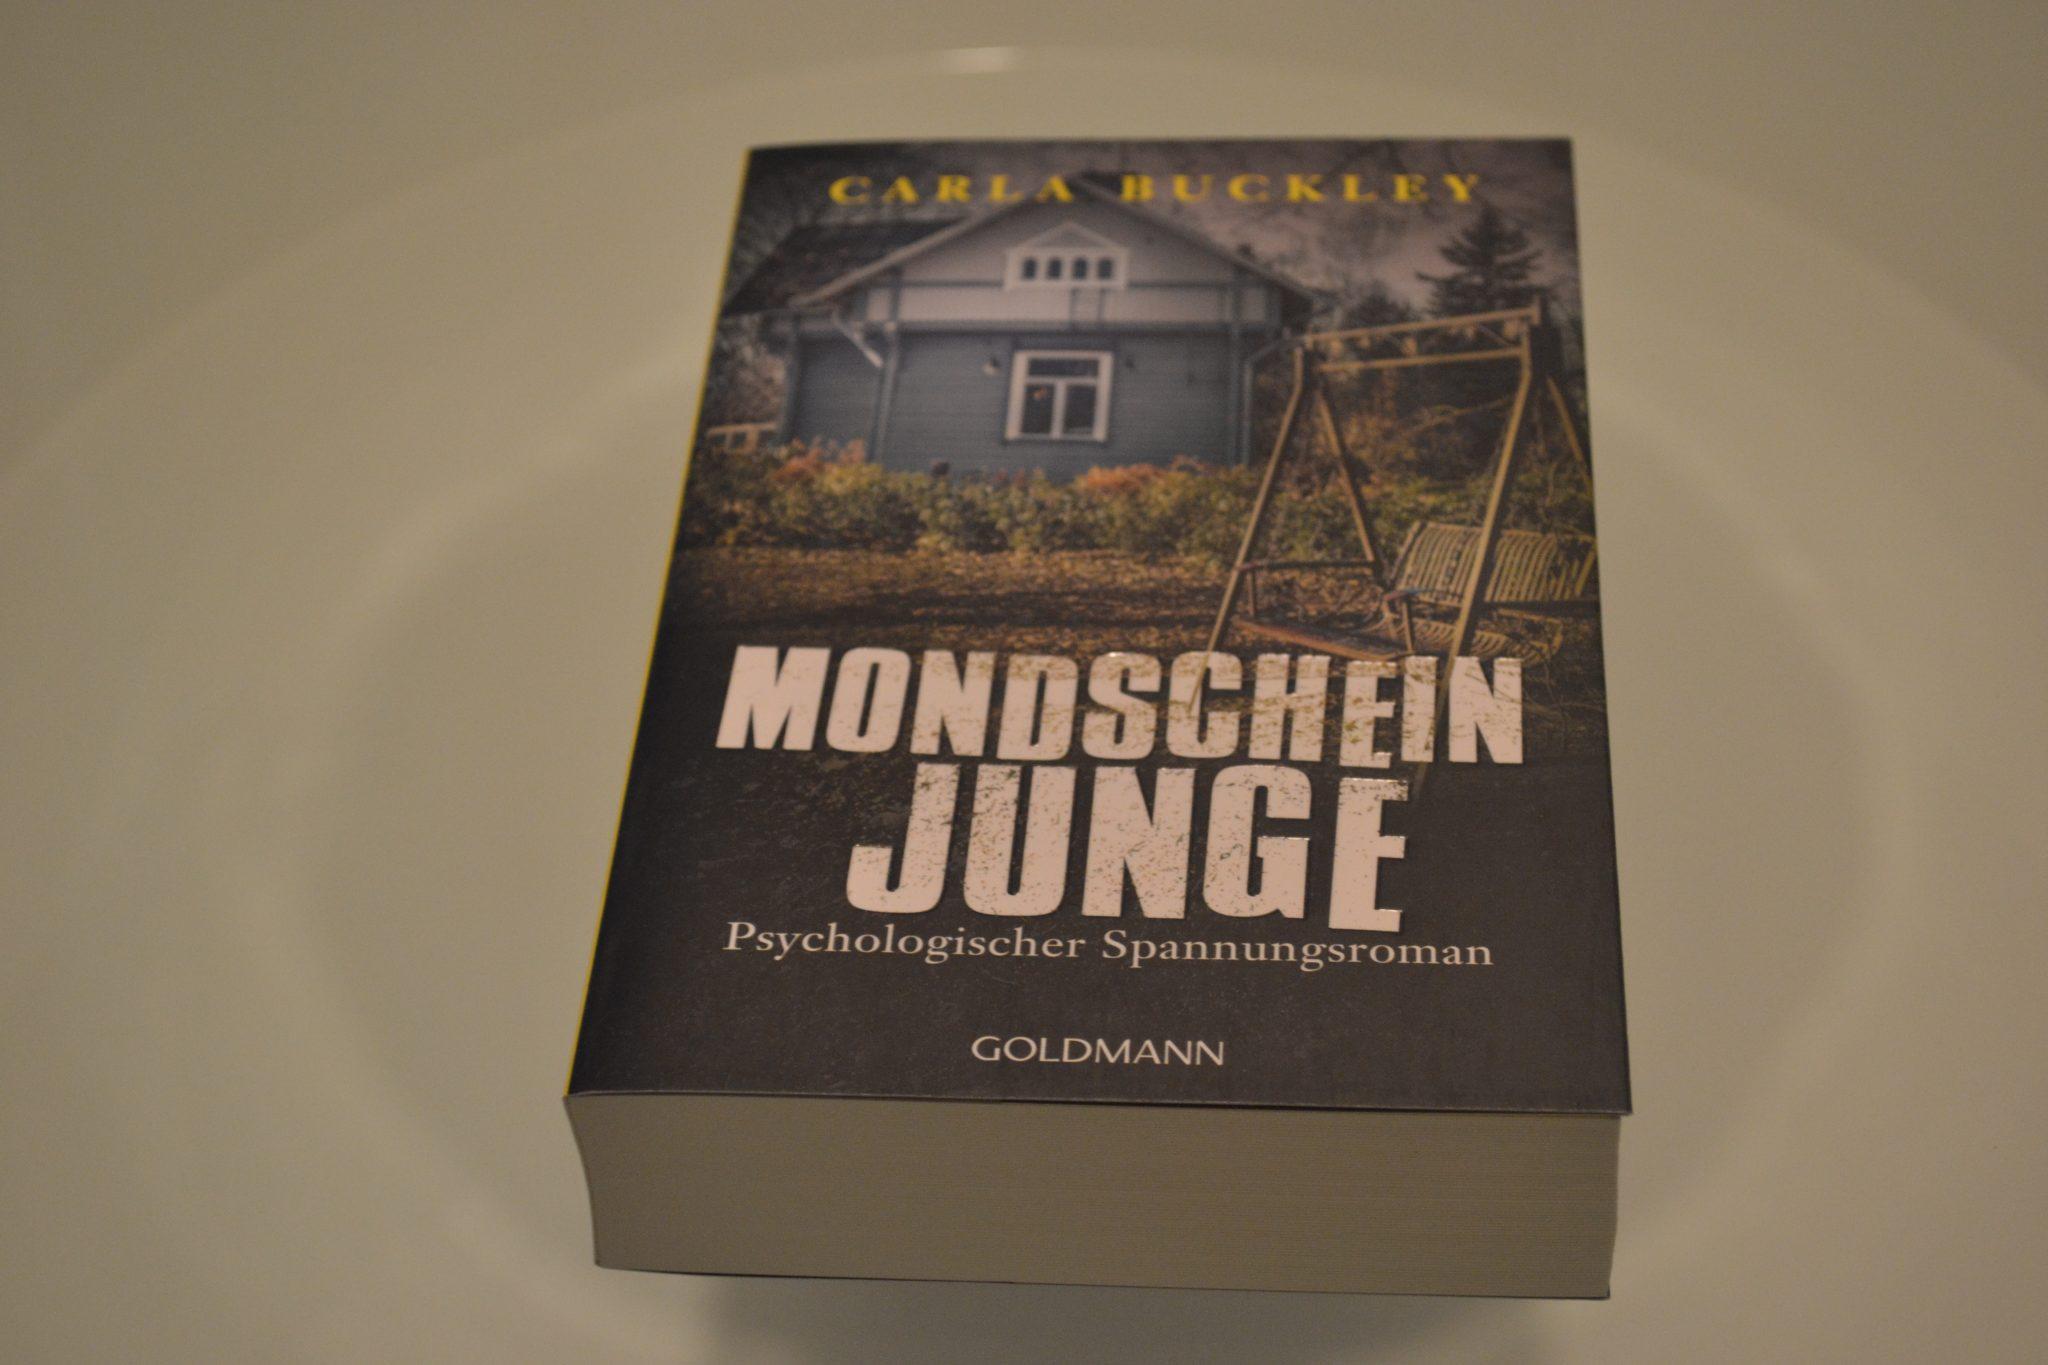 Books: Mondscheinjunge | Carla Buckley - DSC 0384